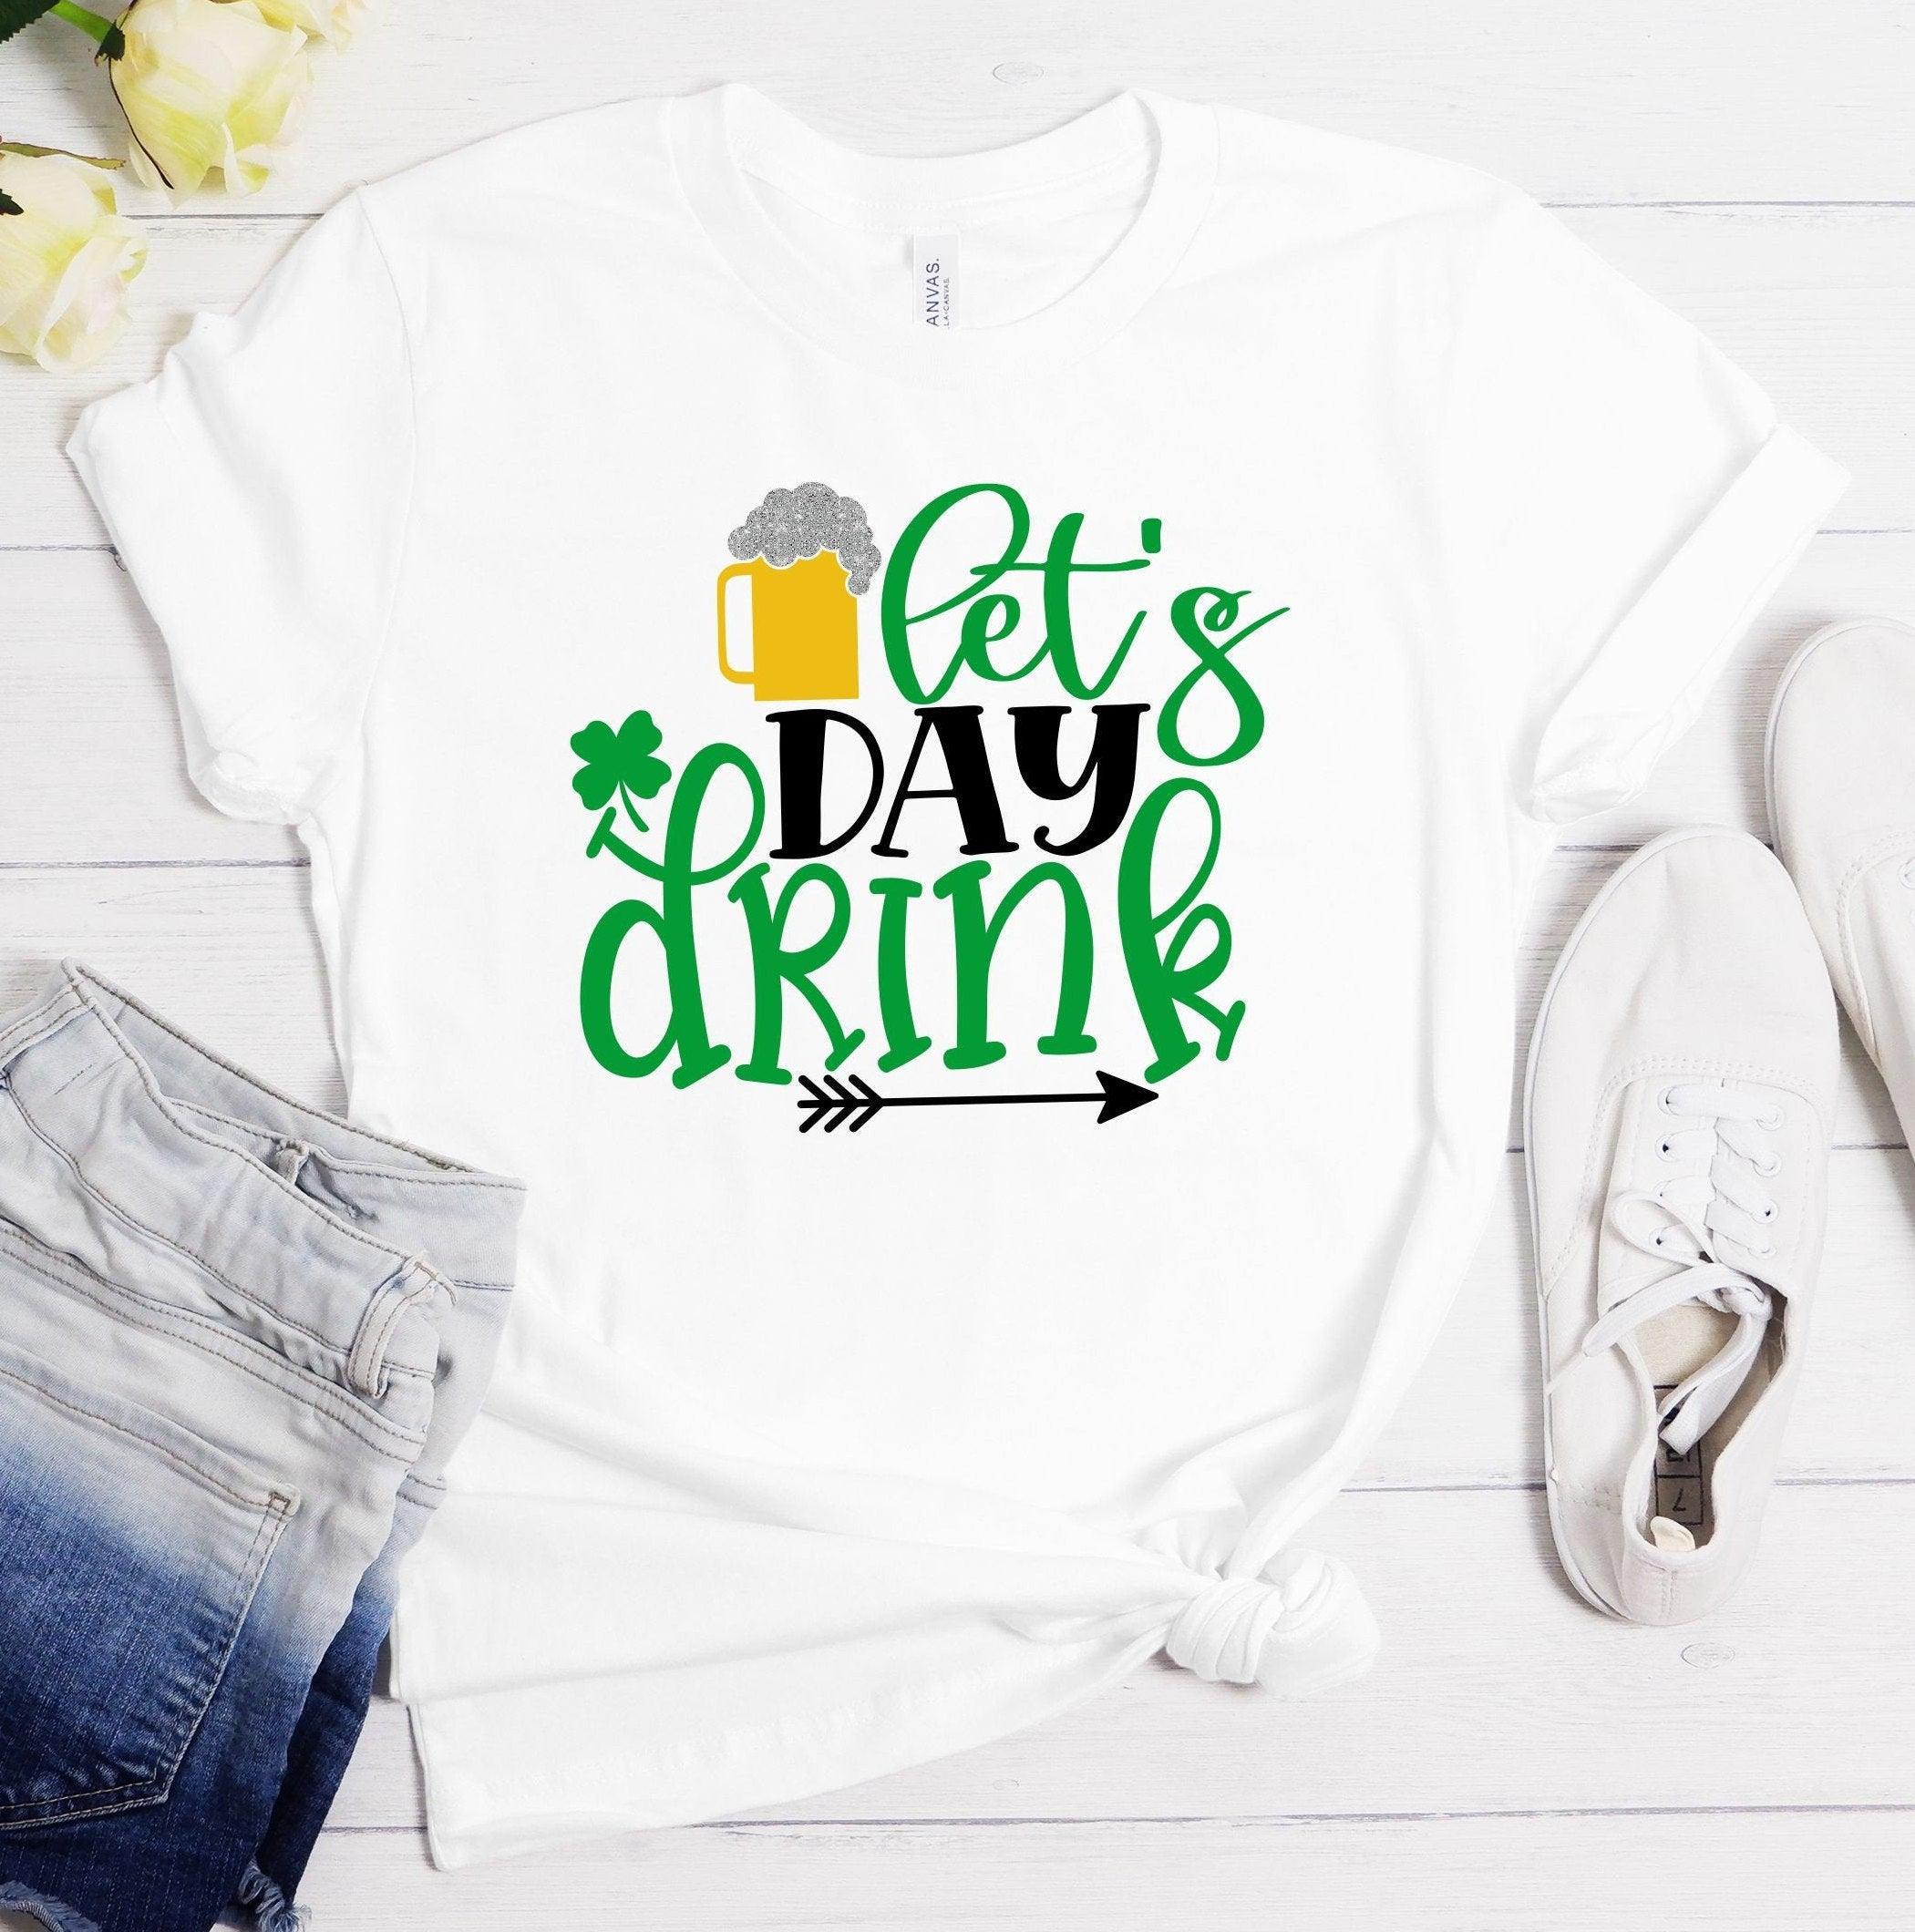 St-patricks-day-svg-lets-day-drink-svg-irish-svg-beer-svgshamrock-svg-st-patricks-day-svg-designs-st-patricks-day-cut-file-cricut-svg-60513f06